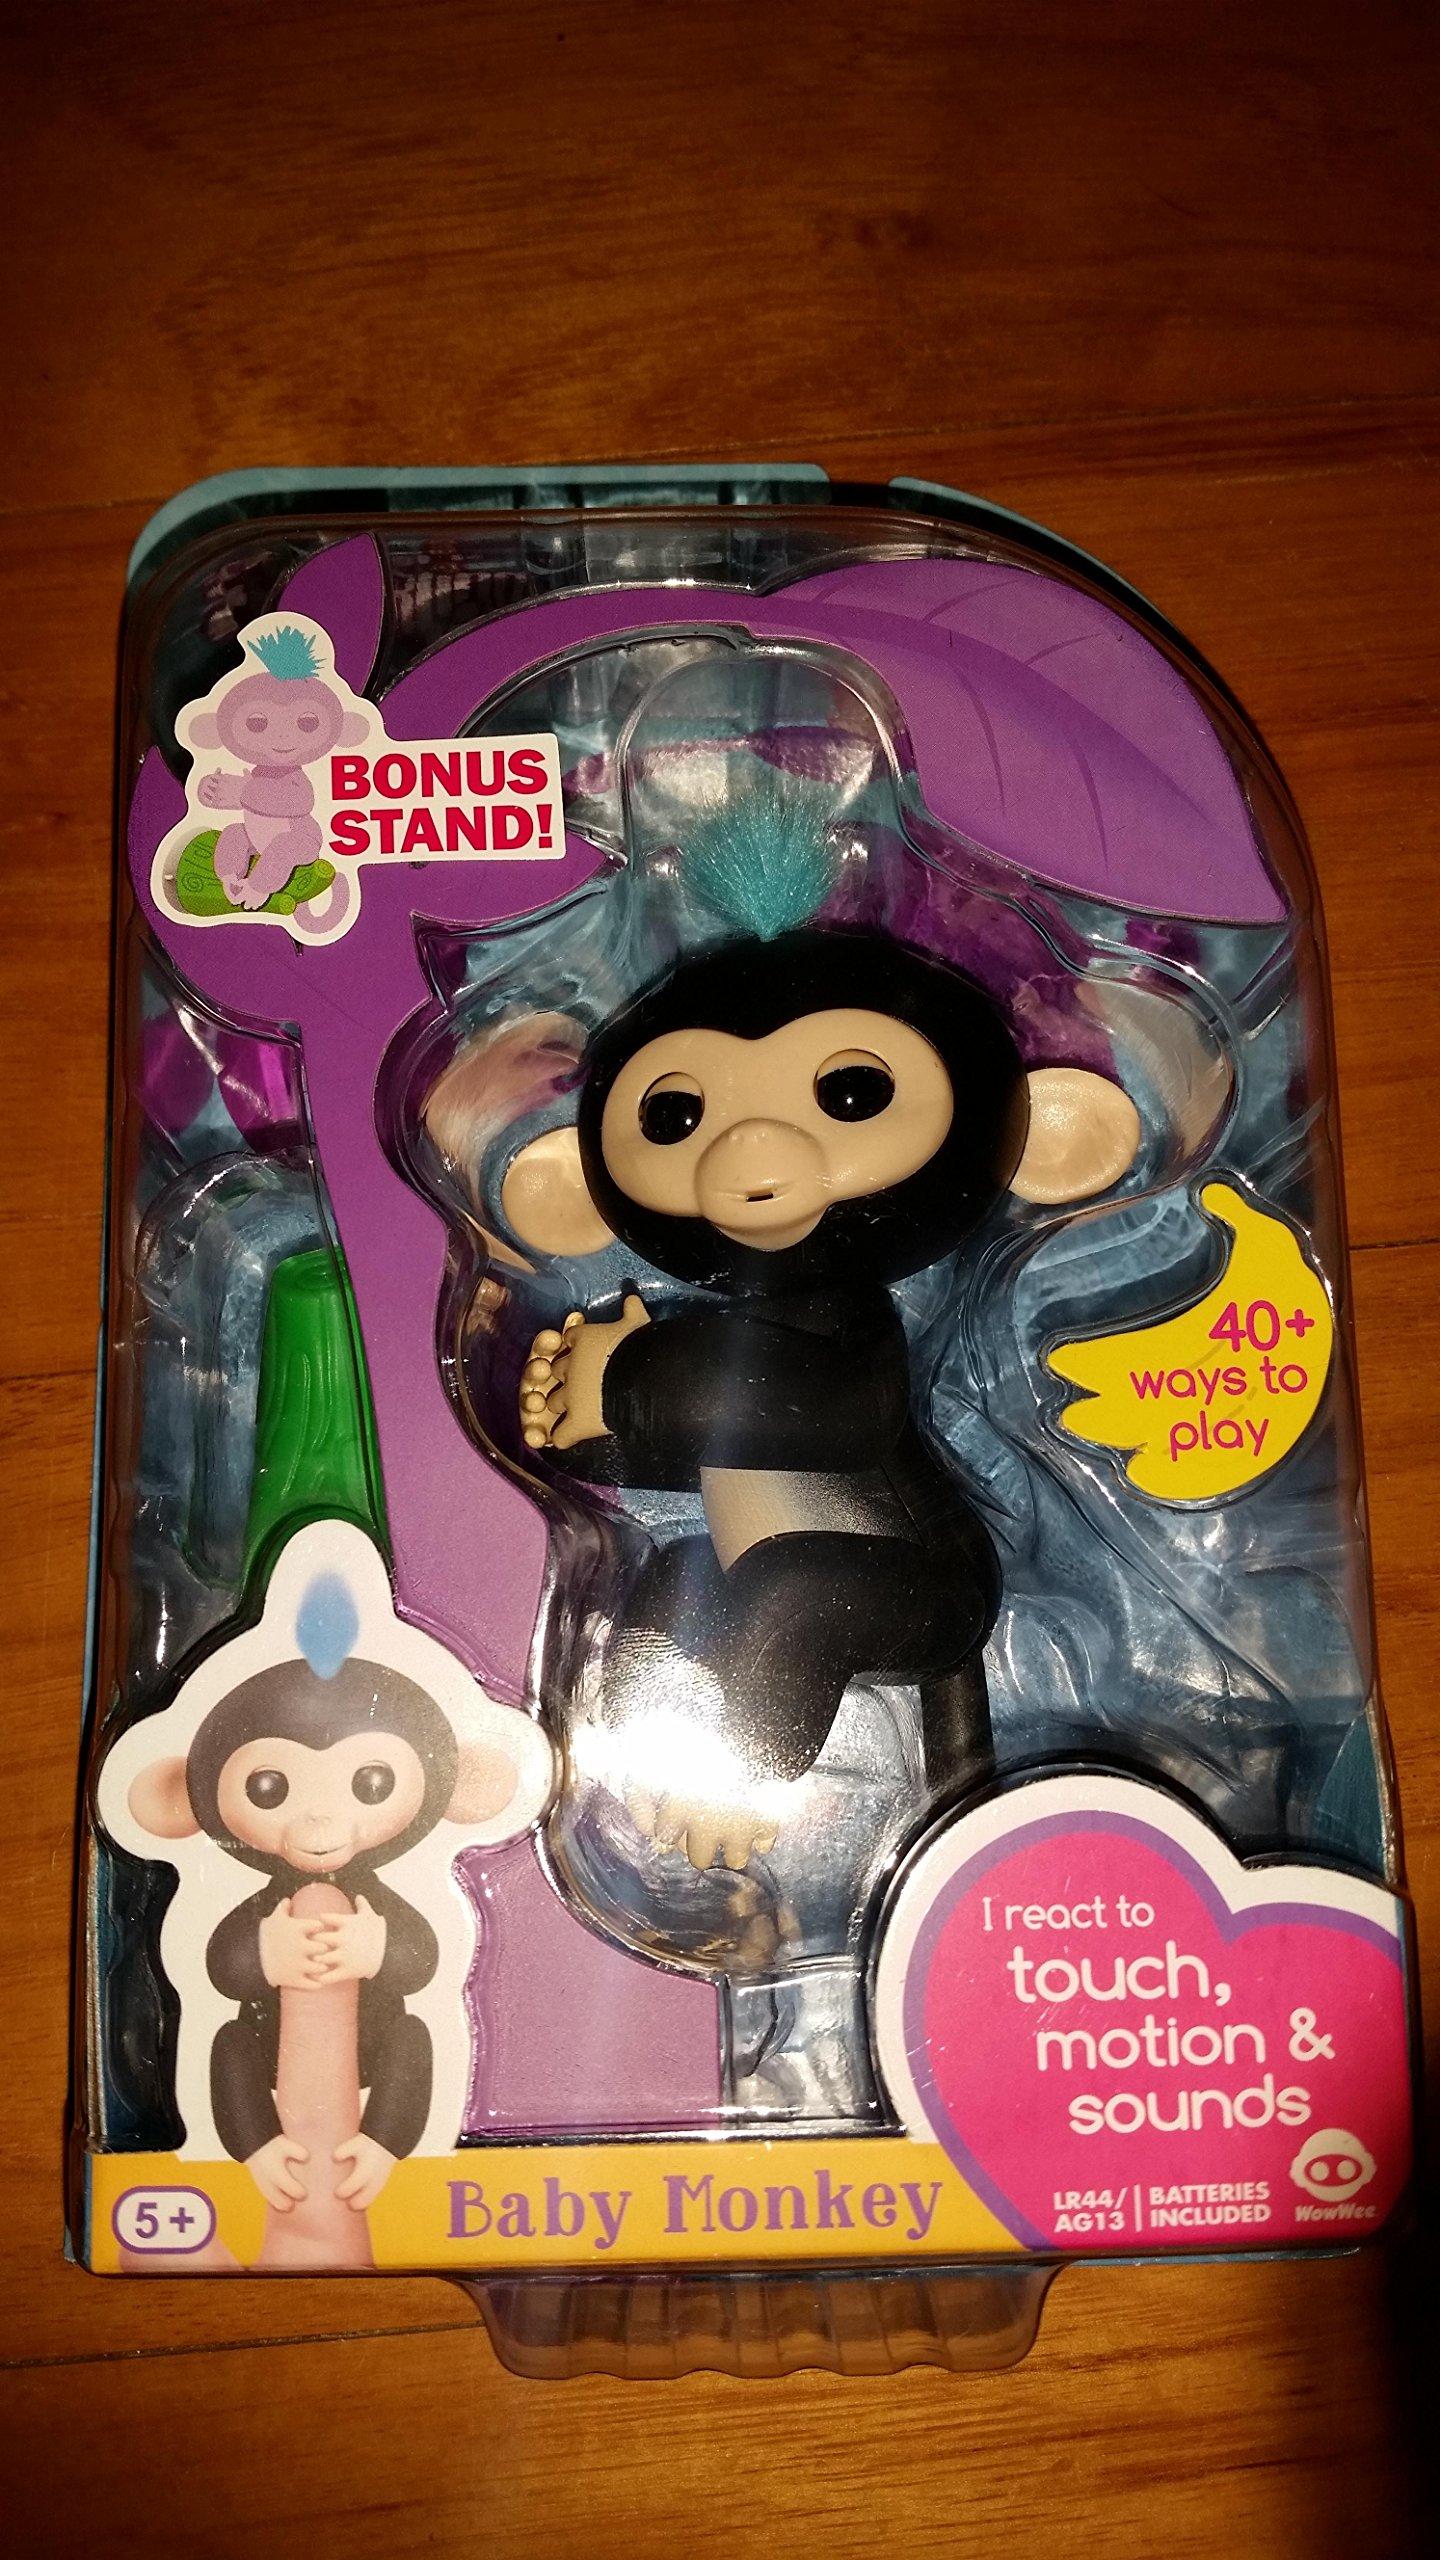 Fingerlings Baby Monkey - Finn - Black (Includes Bonus Stand)